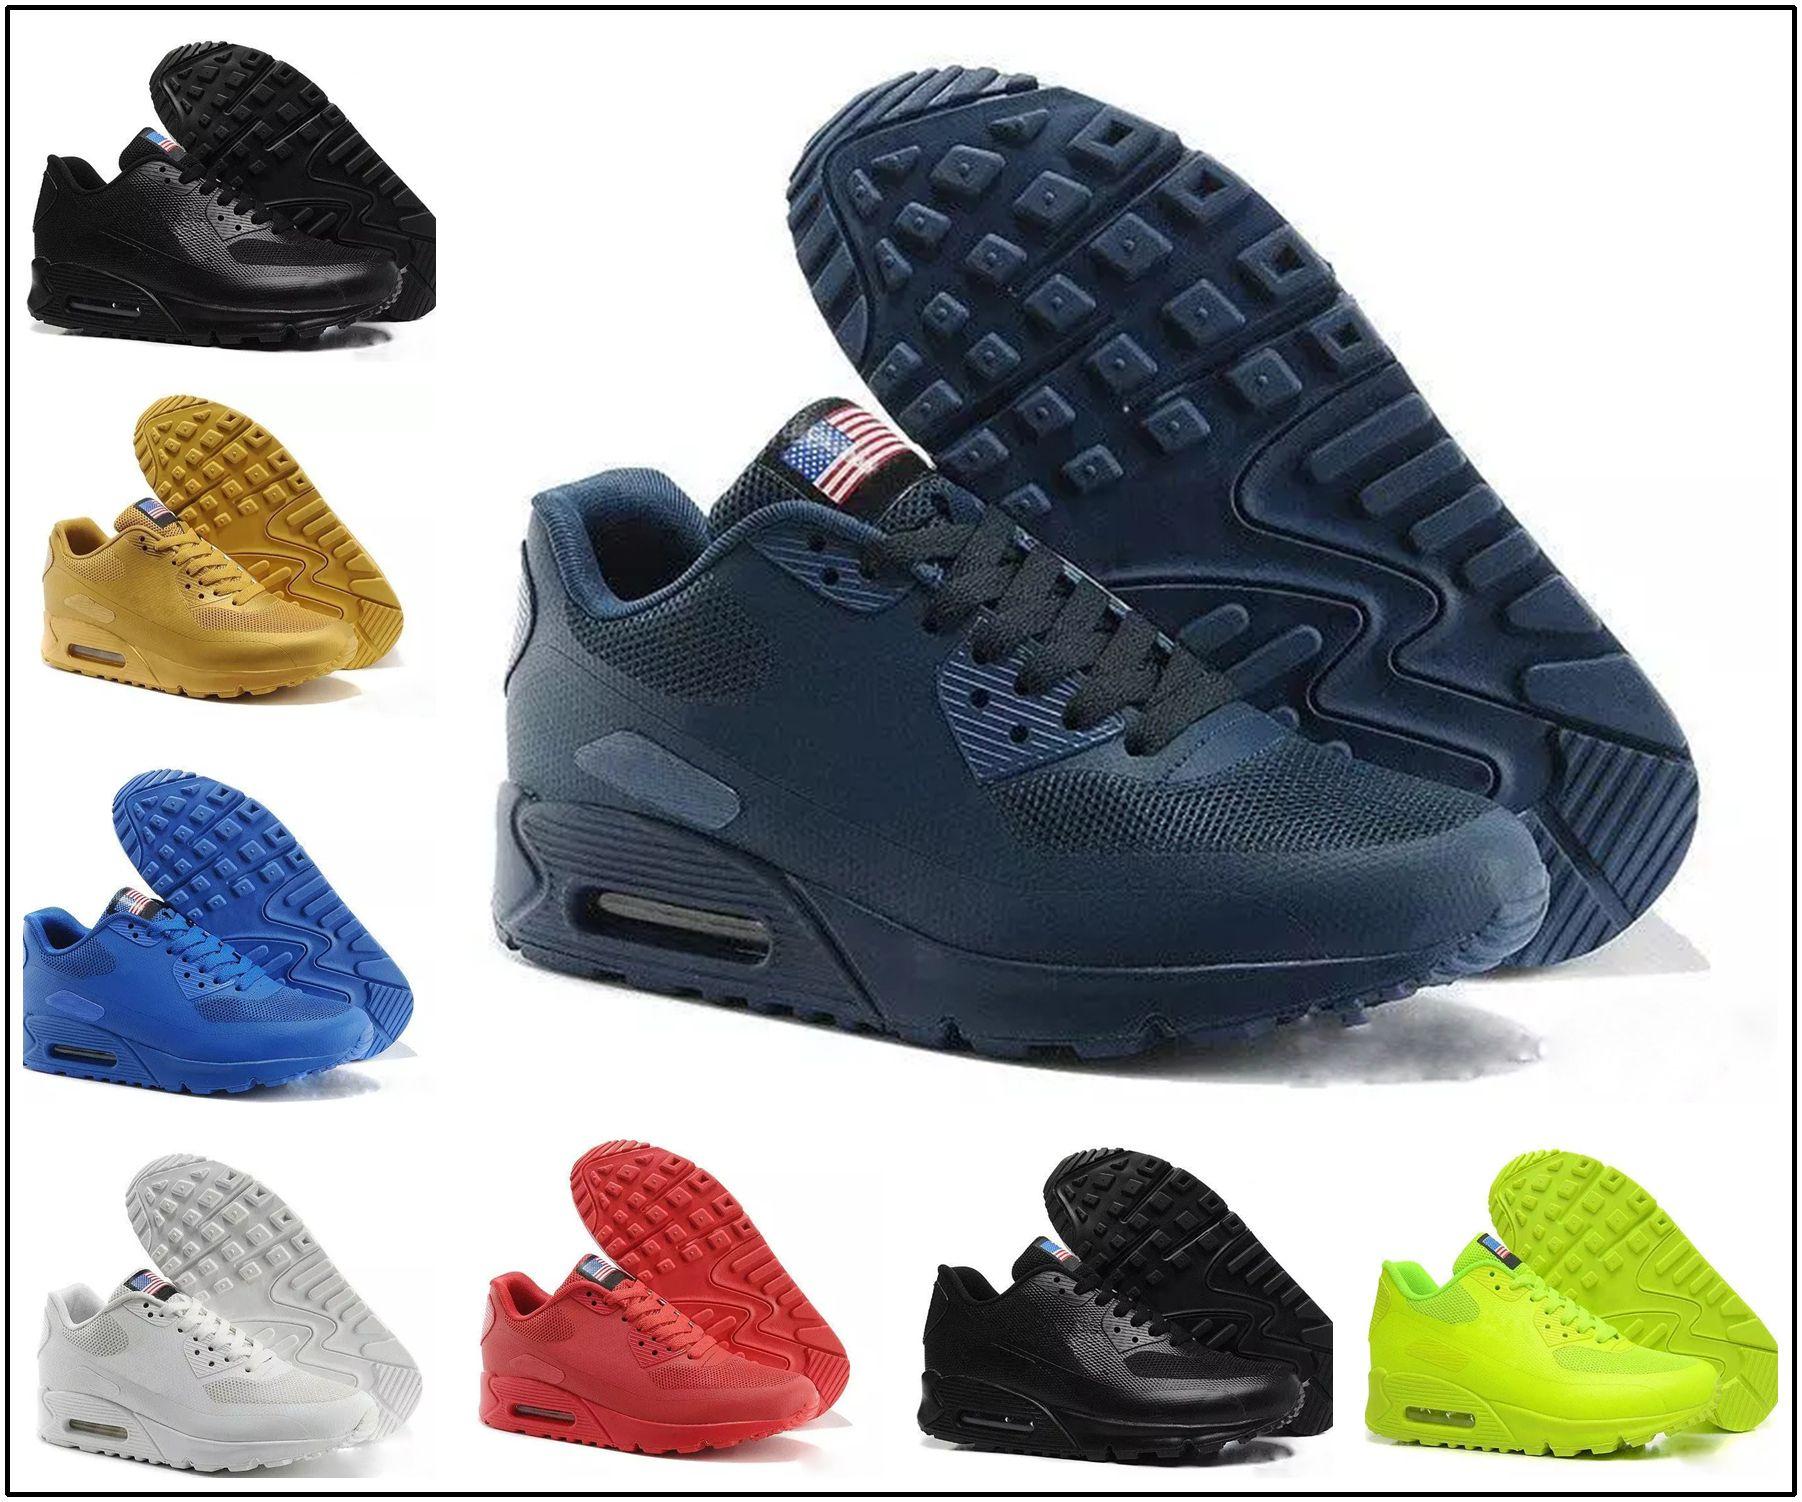 67b9ab2f05c Compre Nike Air Max 90 HYP PRM QS Chaussures Hommes 90 HYP PRM QS Sapatos  Casuais Venda Online Moda Dia Da Independência Zapatillas EUA Bandeira  Esporte ...